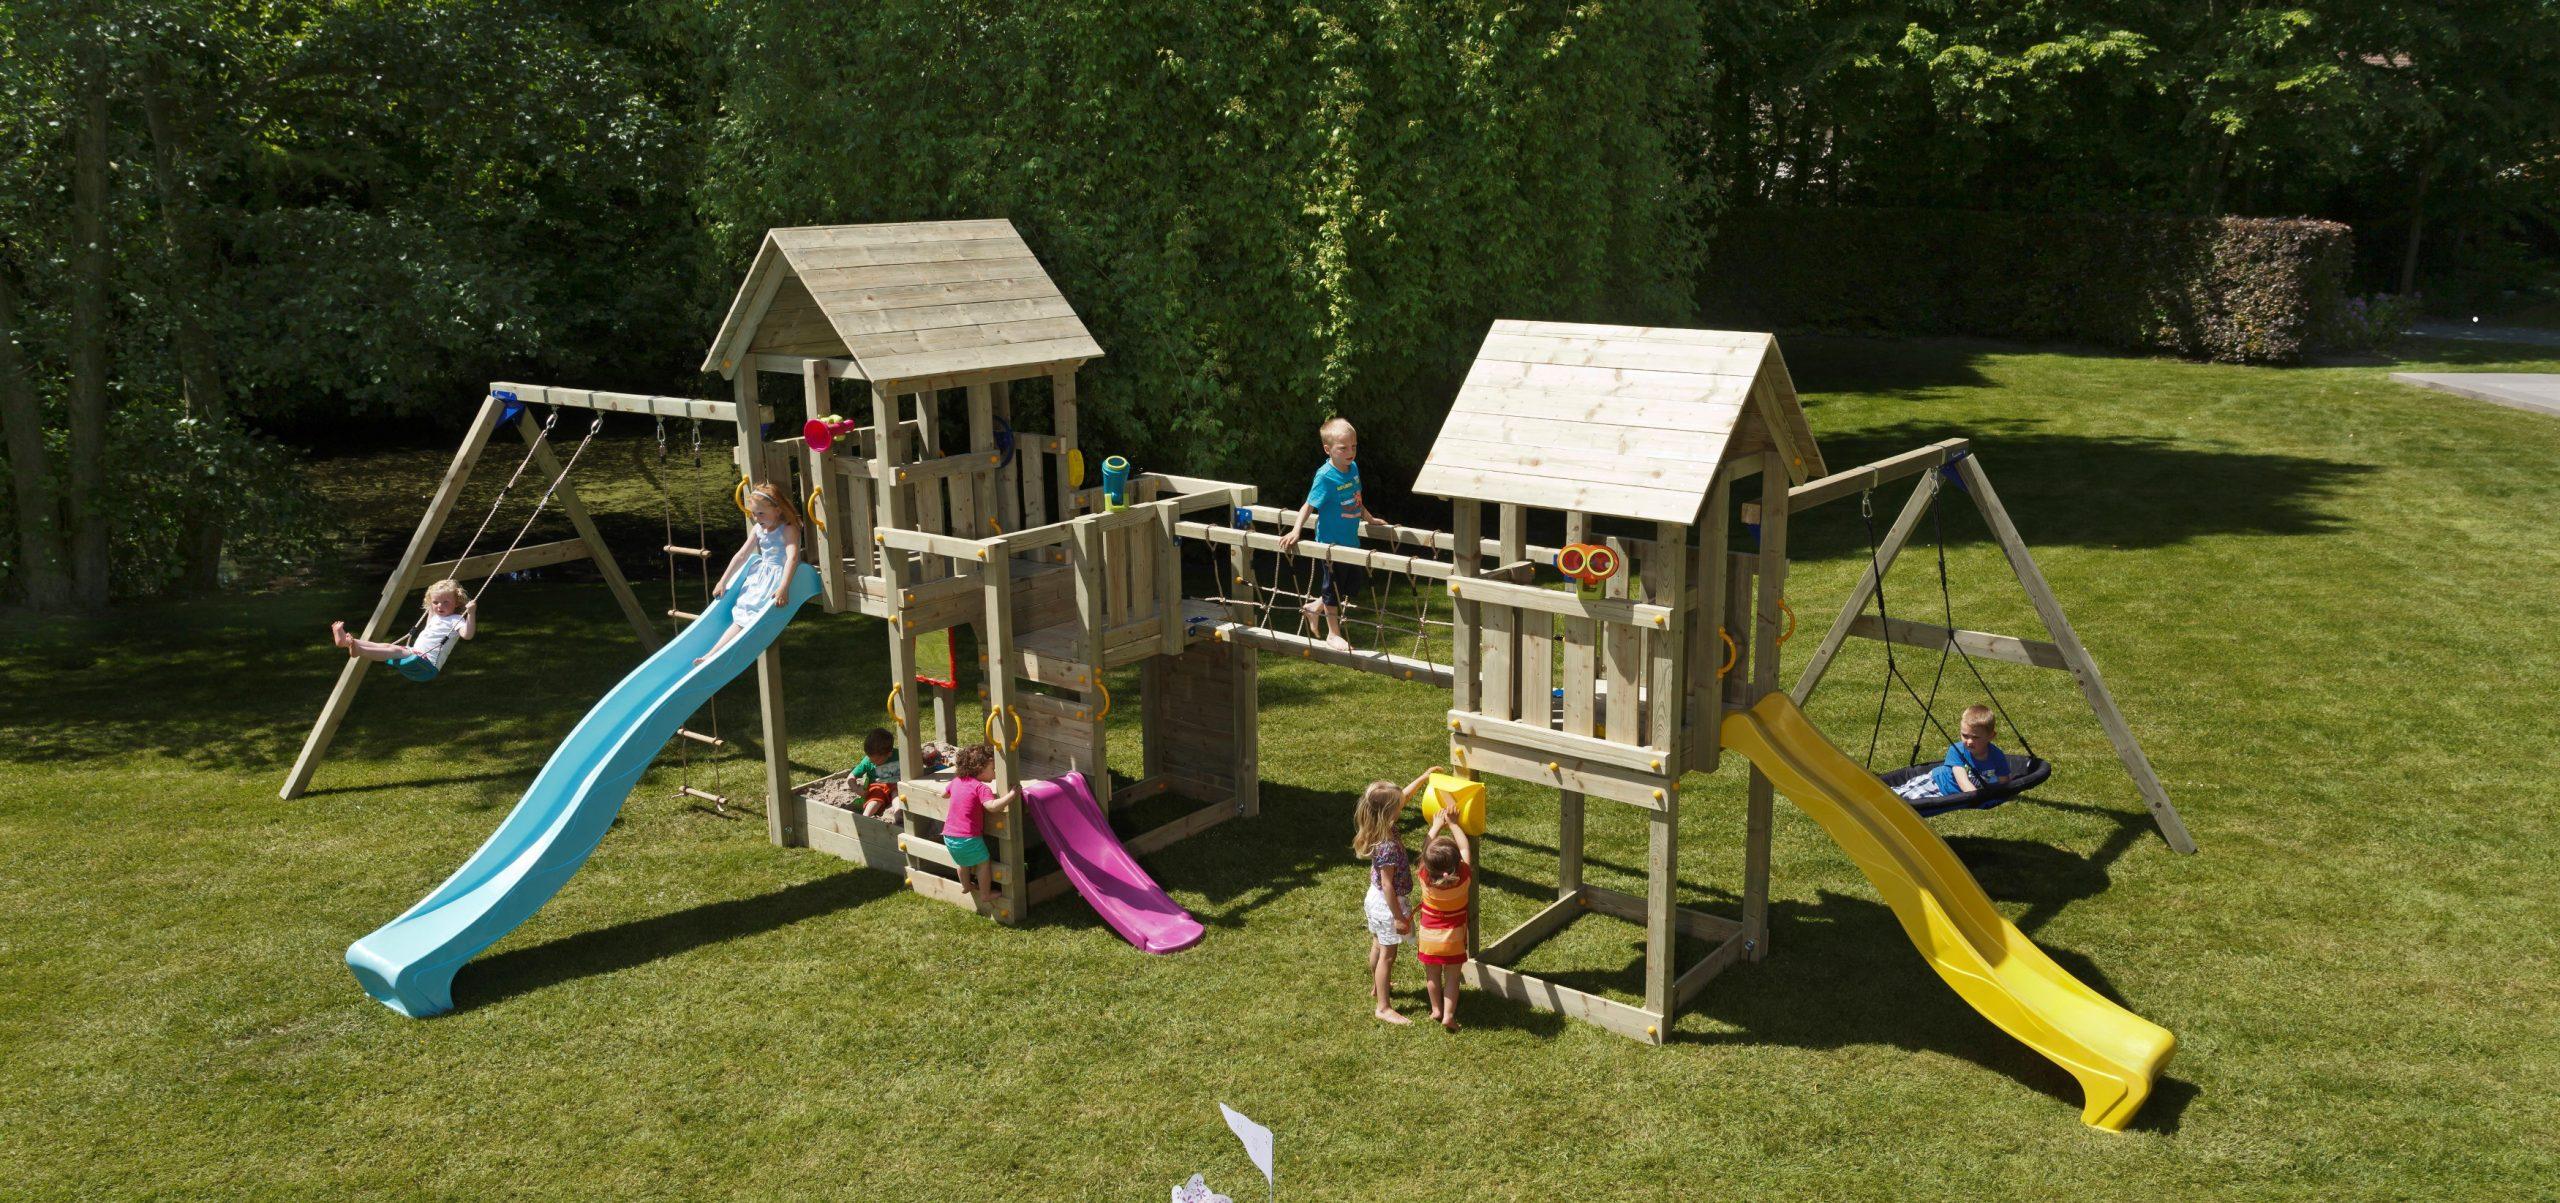 Full Size of Spielgerät Garten Klingl Spielgerte Bewässerungssysteme Spielanlage Klappstuhl Stapelstühle Lounge Möbel Relaxsessel Aldi Spielgeräte Für Den Garten Spielgerät Garten